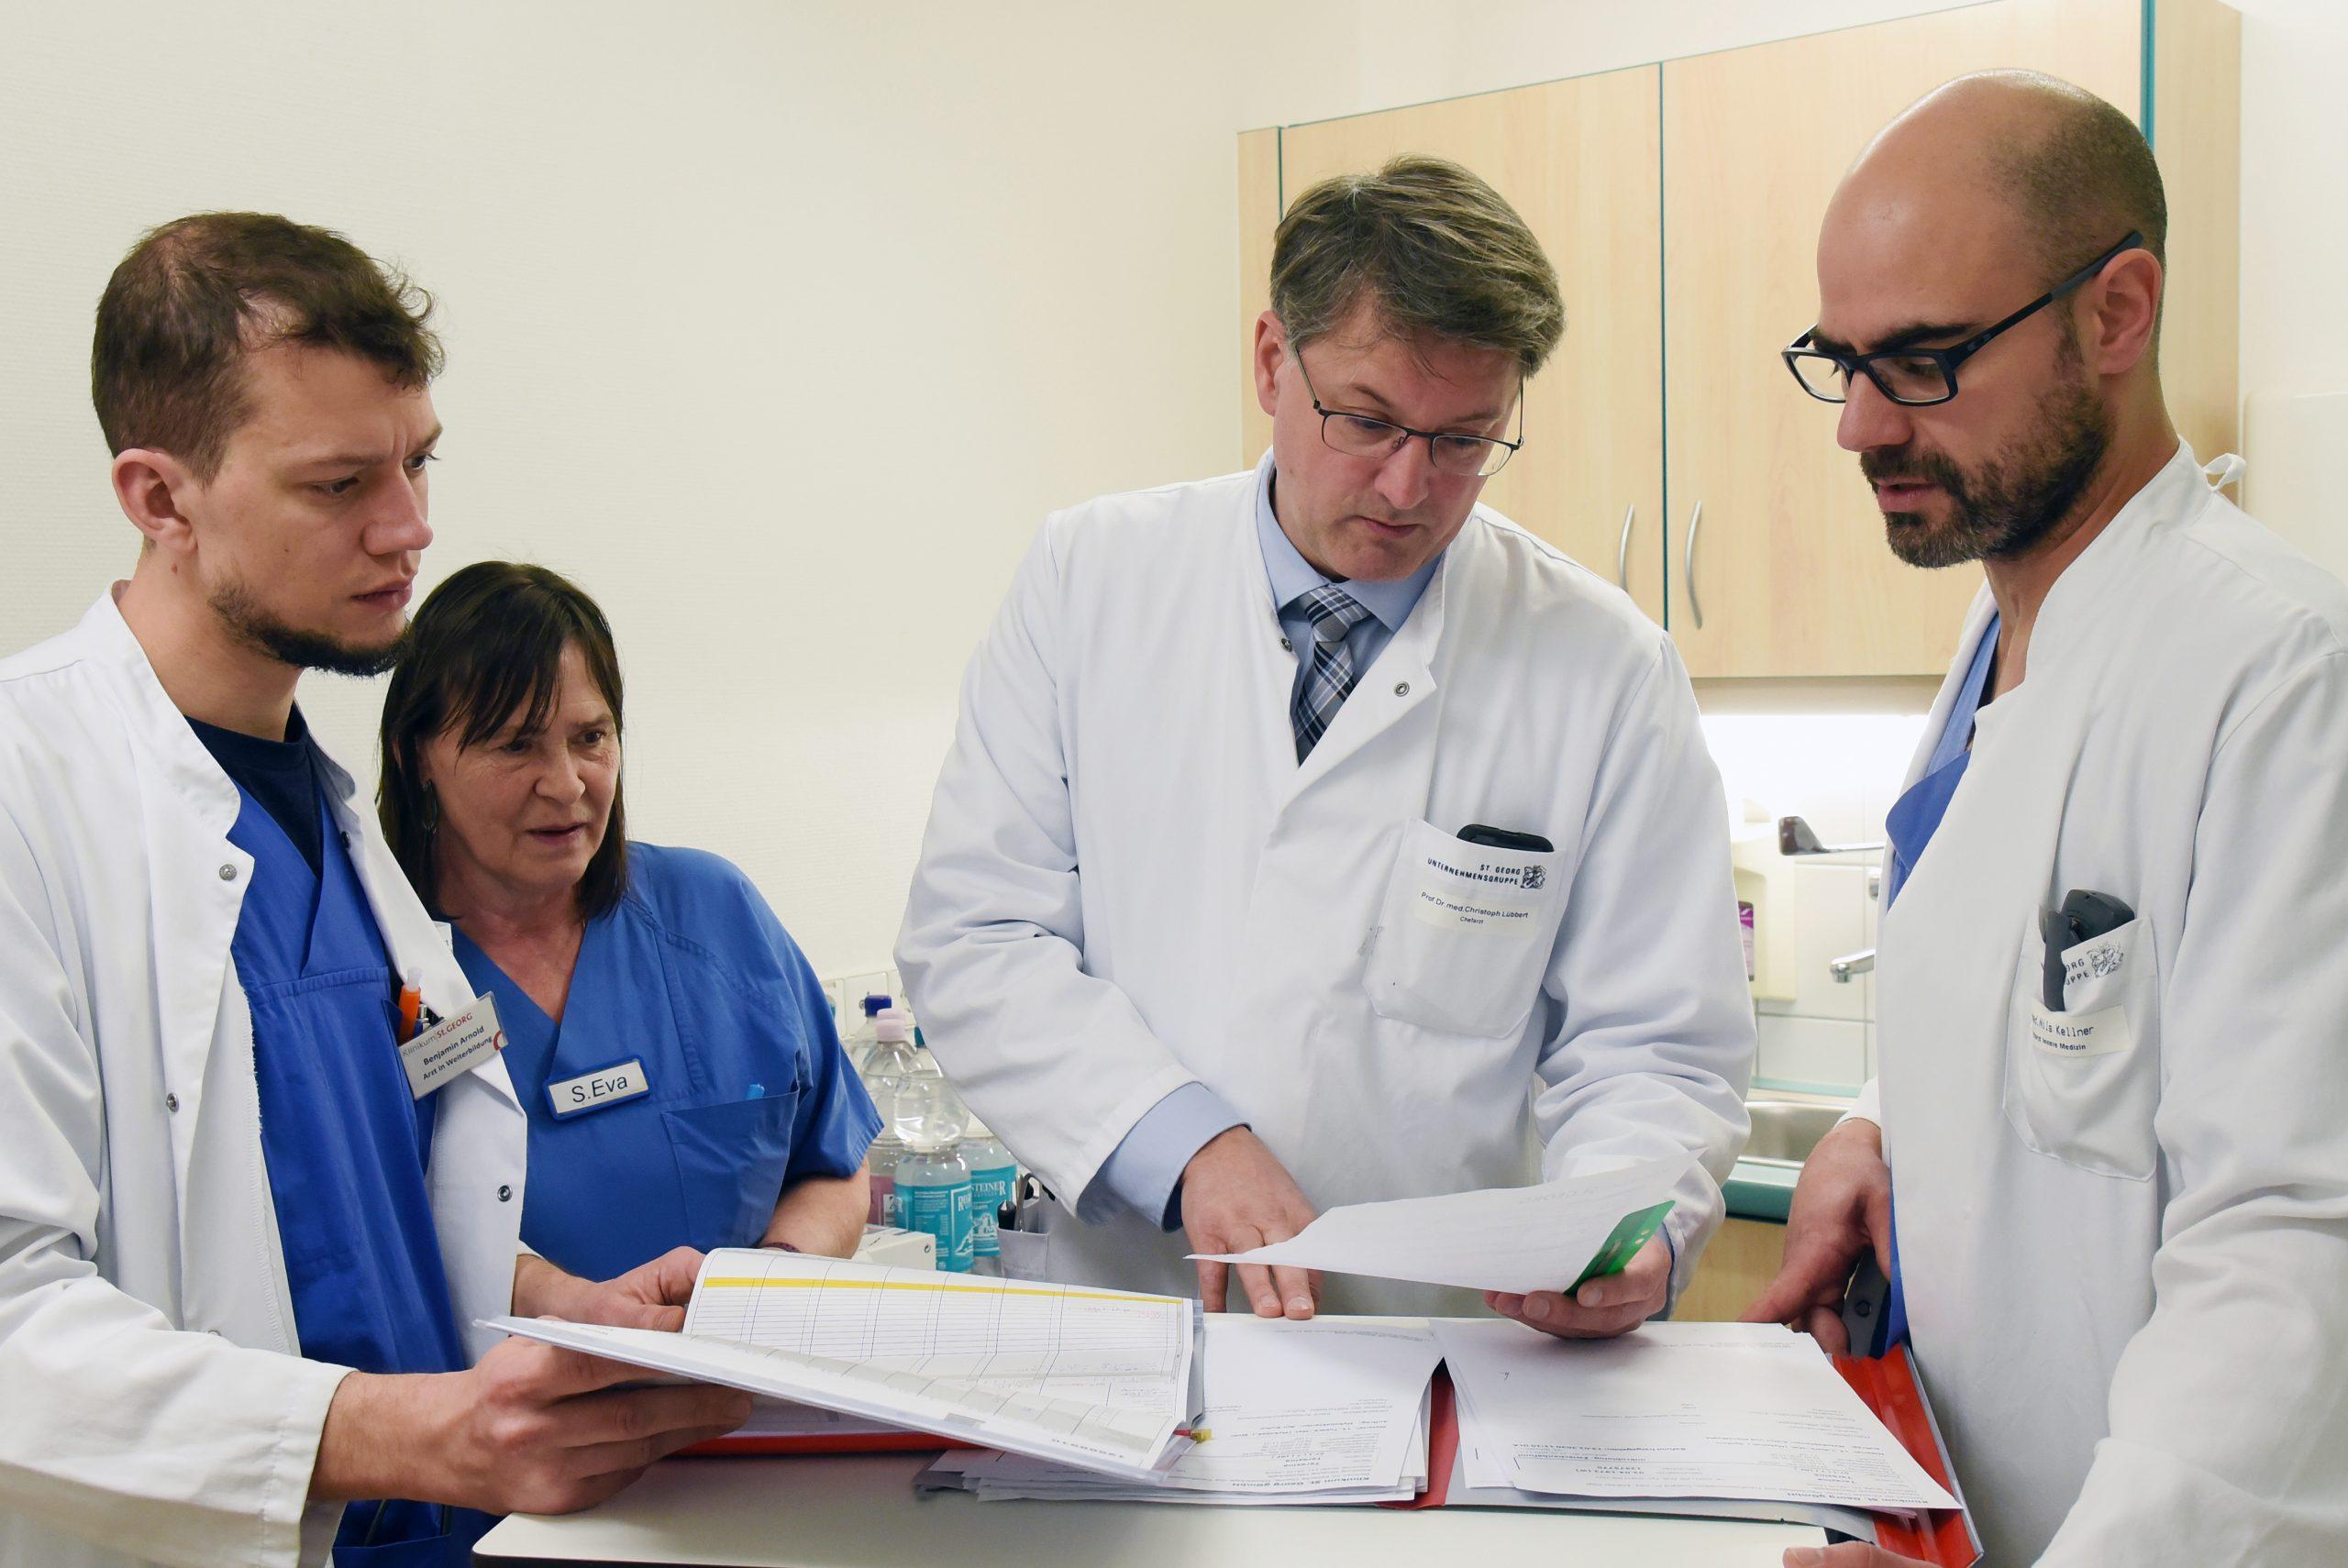 Coronavirus test UK